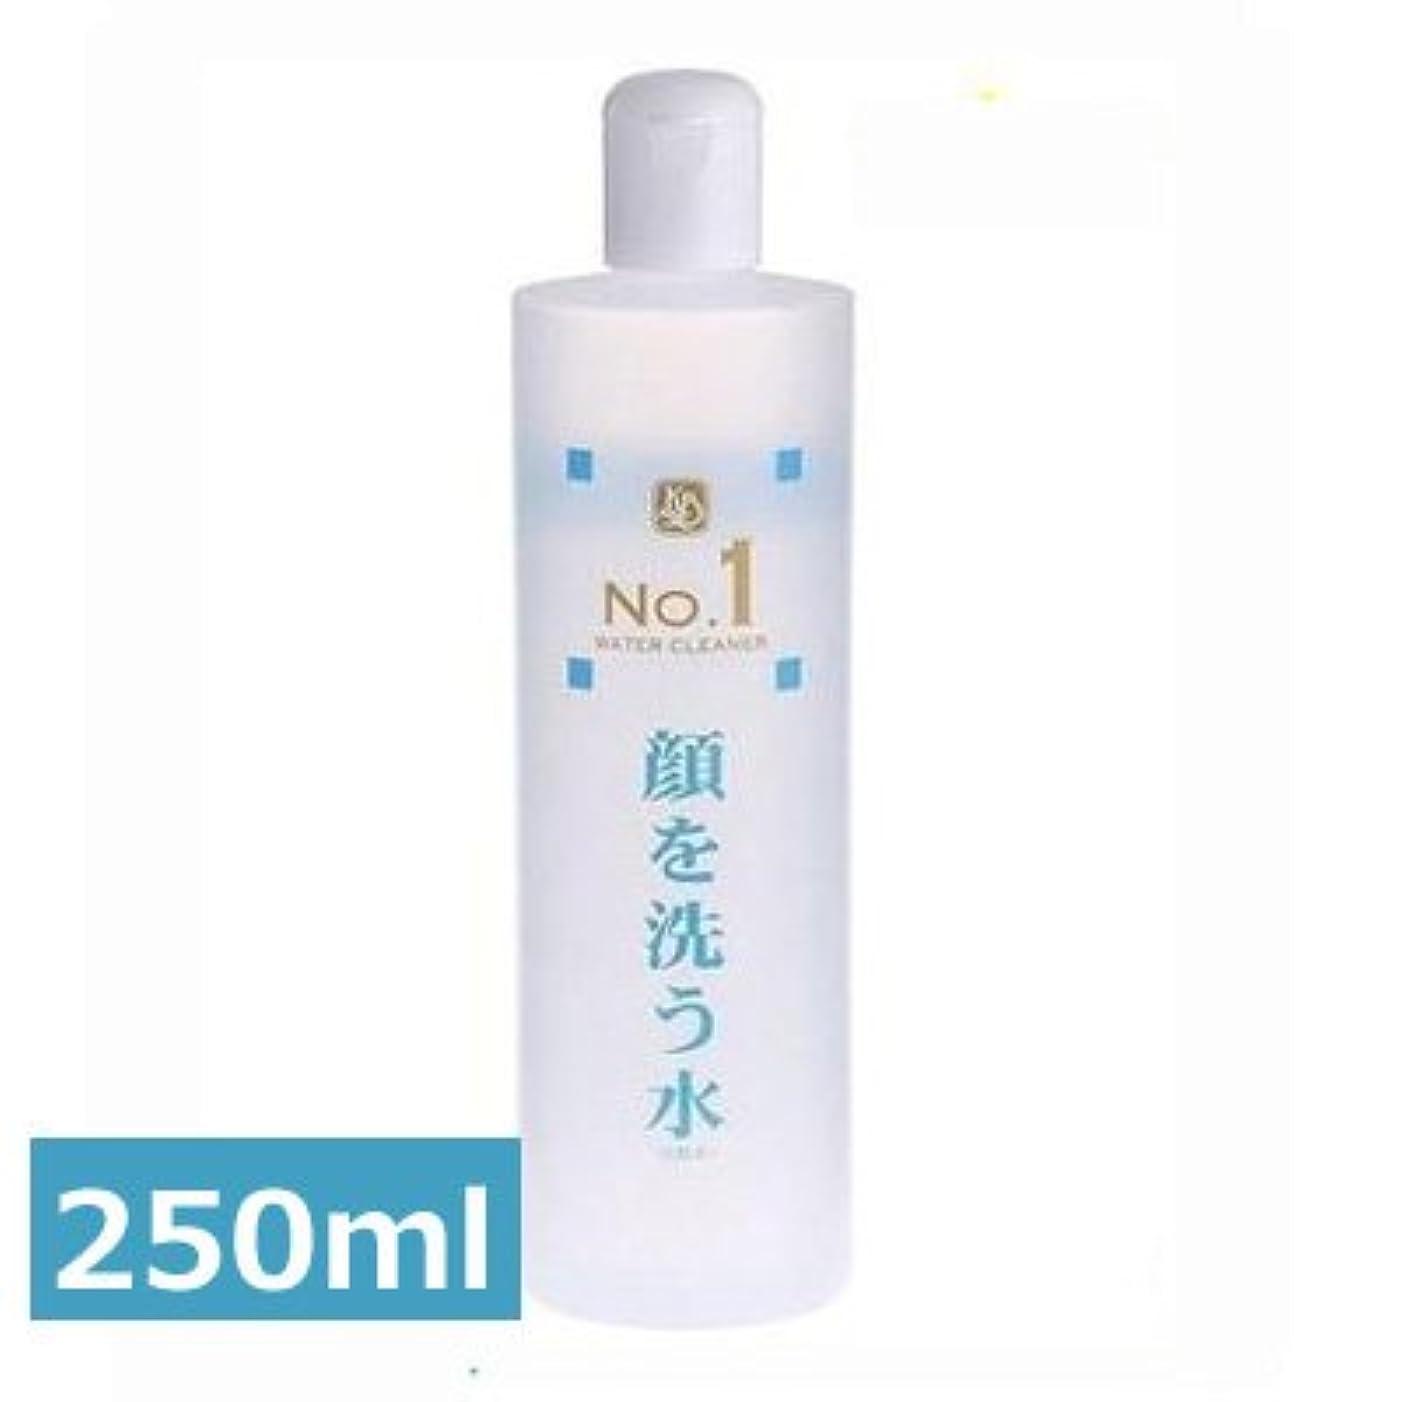 アナウンサーパートナースライスウォータークリーナー カミヤマ美研 顔を洗う水 No.1 250ml 2本セット